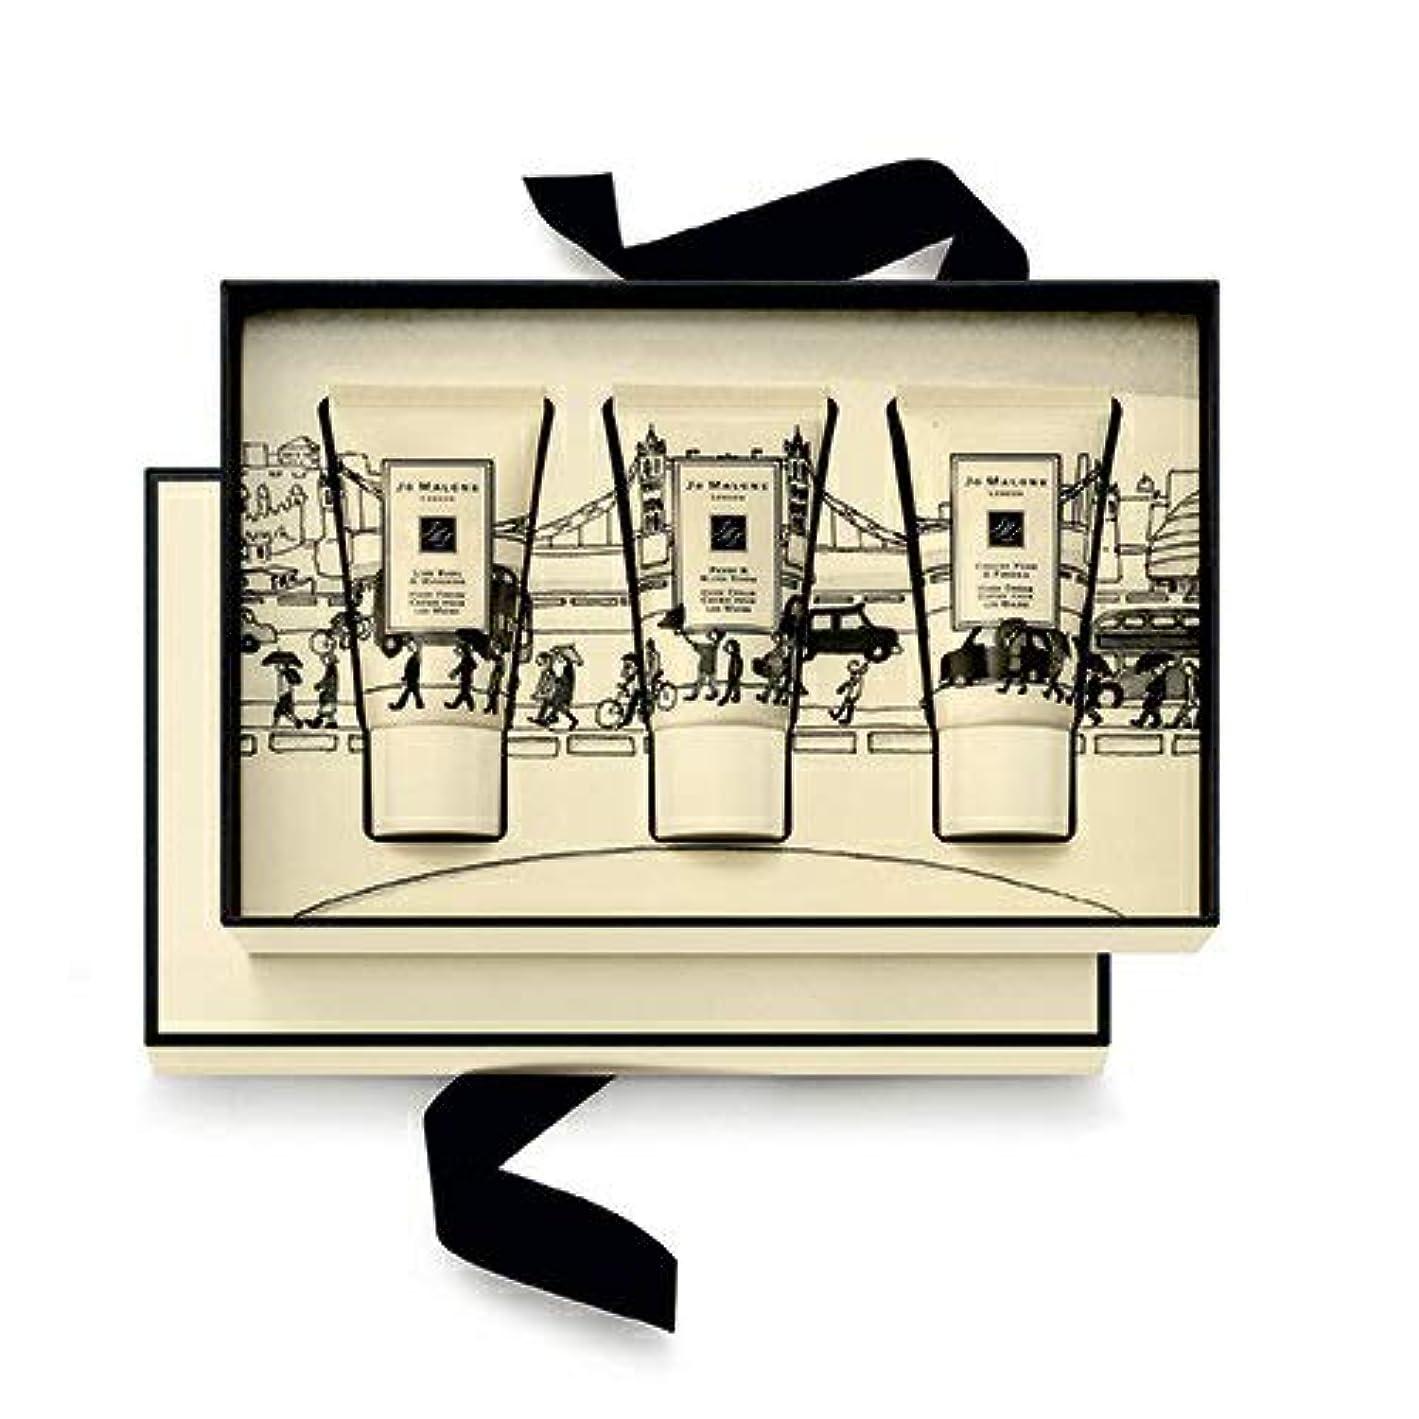 会う民間争うジョー マローン ハンド クリーム コレクション 30ml×3(ライムバジル&マンダリン?ピオニー&ブラッシュスエード?イングリッシュペアー&フリージア)JO MALONE HAND CREAM TRIO COLLECTION [並行輸入品]